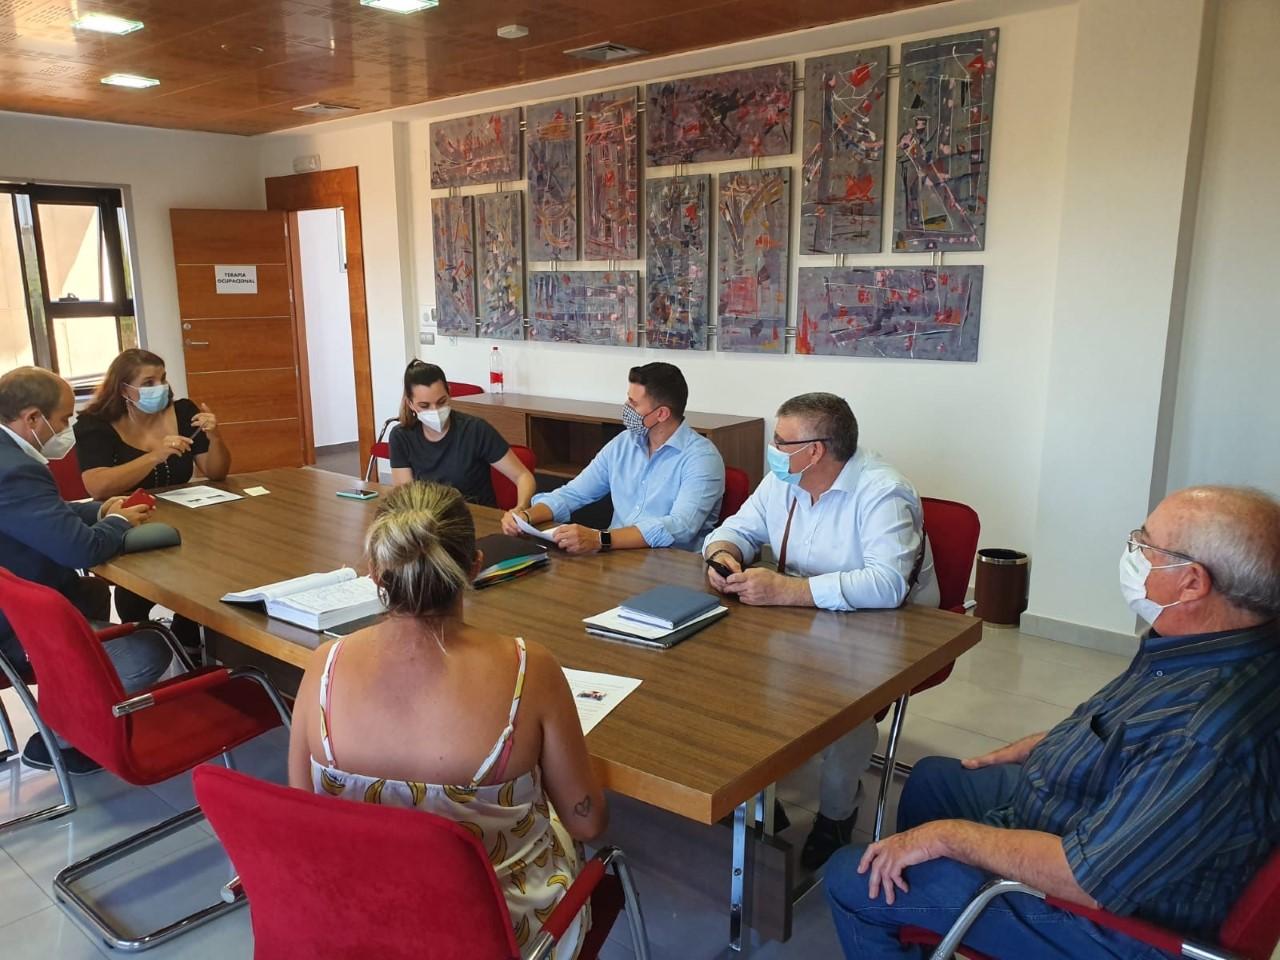 El PP destaca la importante labor de la Asociación San José, de Guadix, con personas con discapacidad intelectual